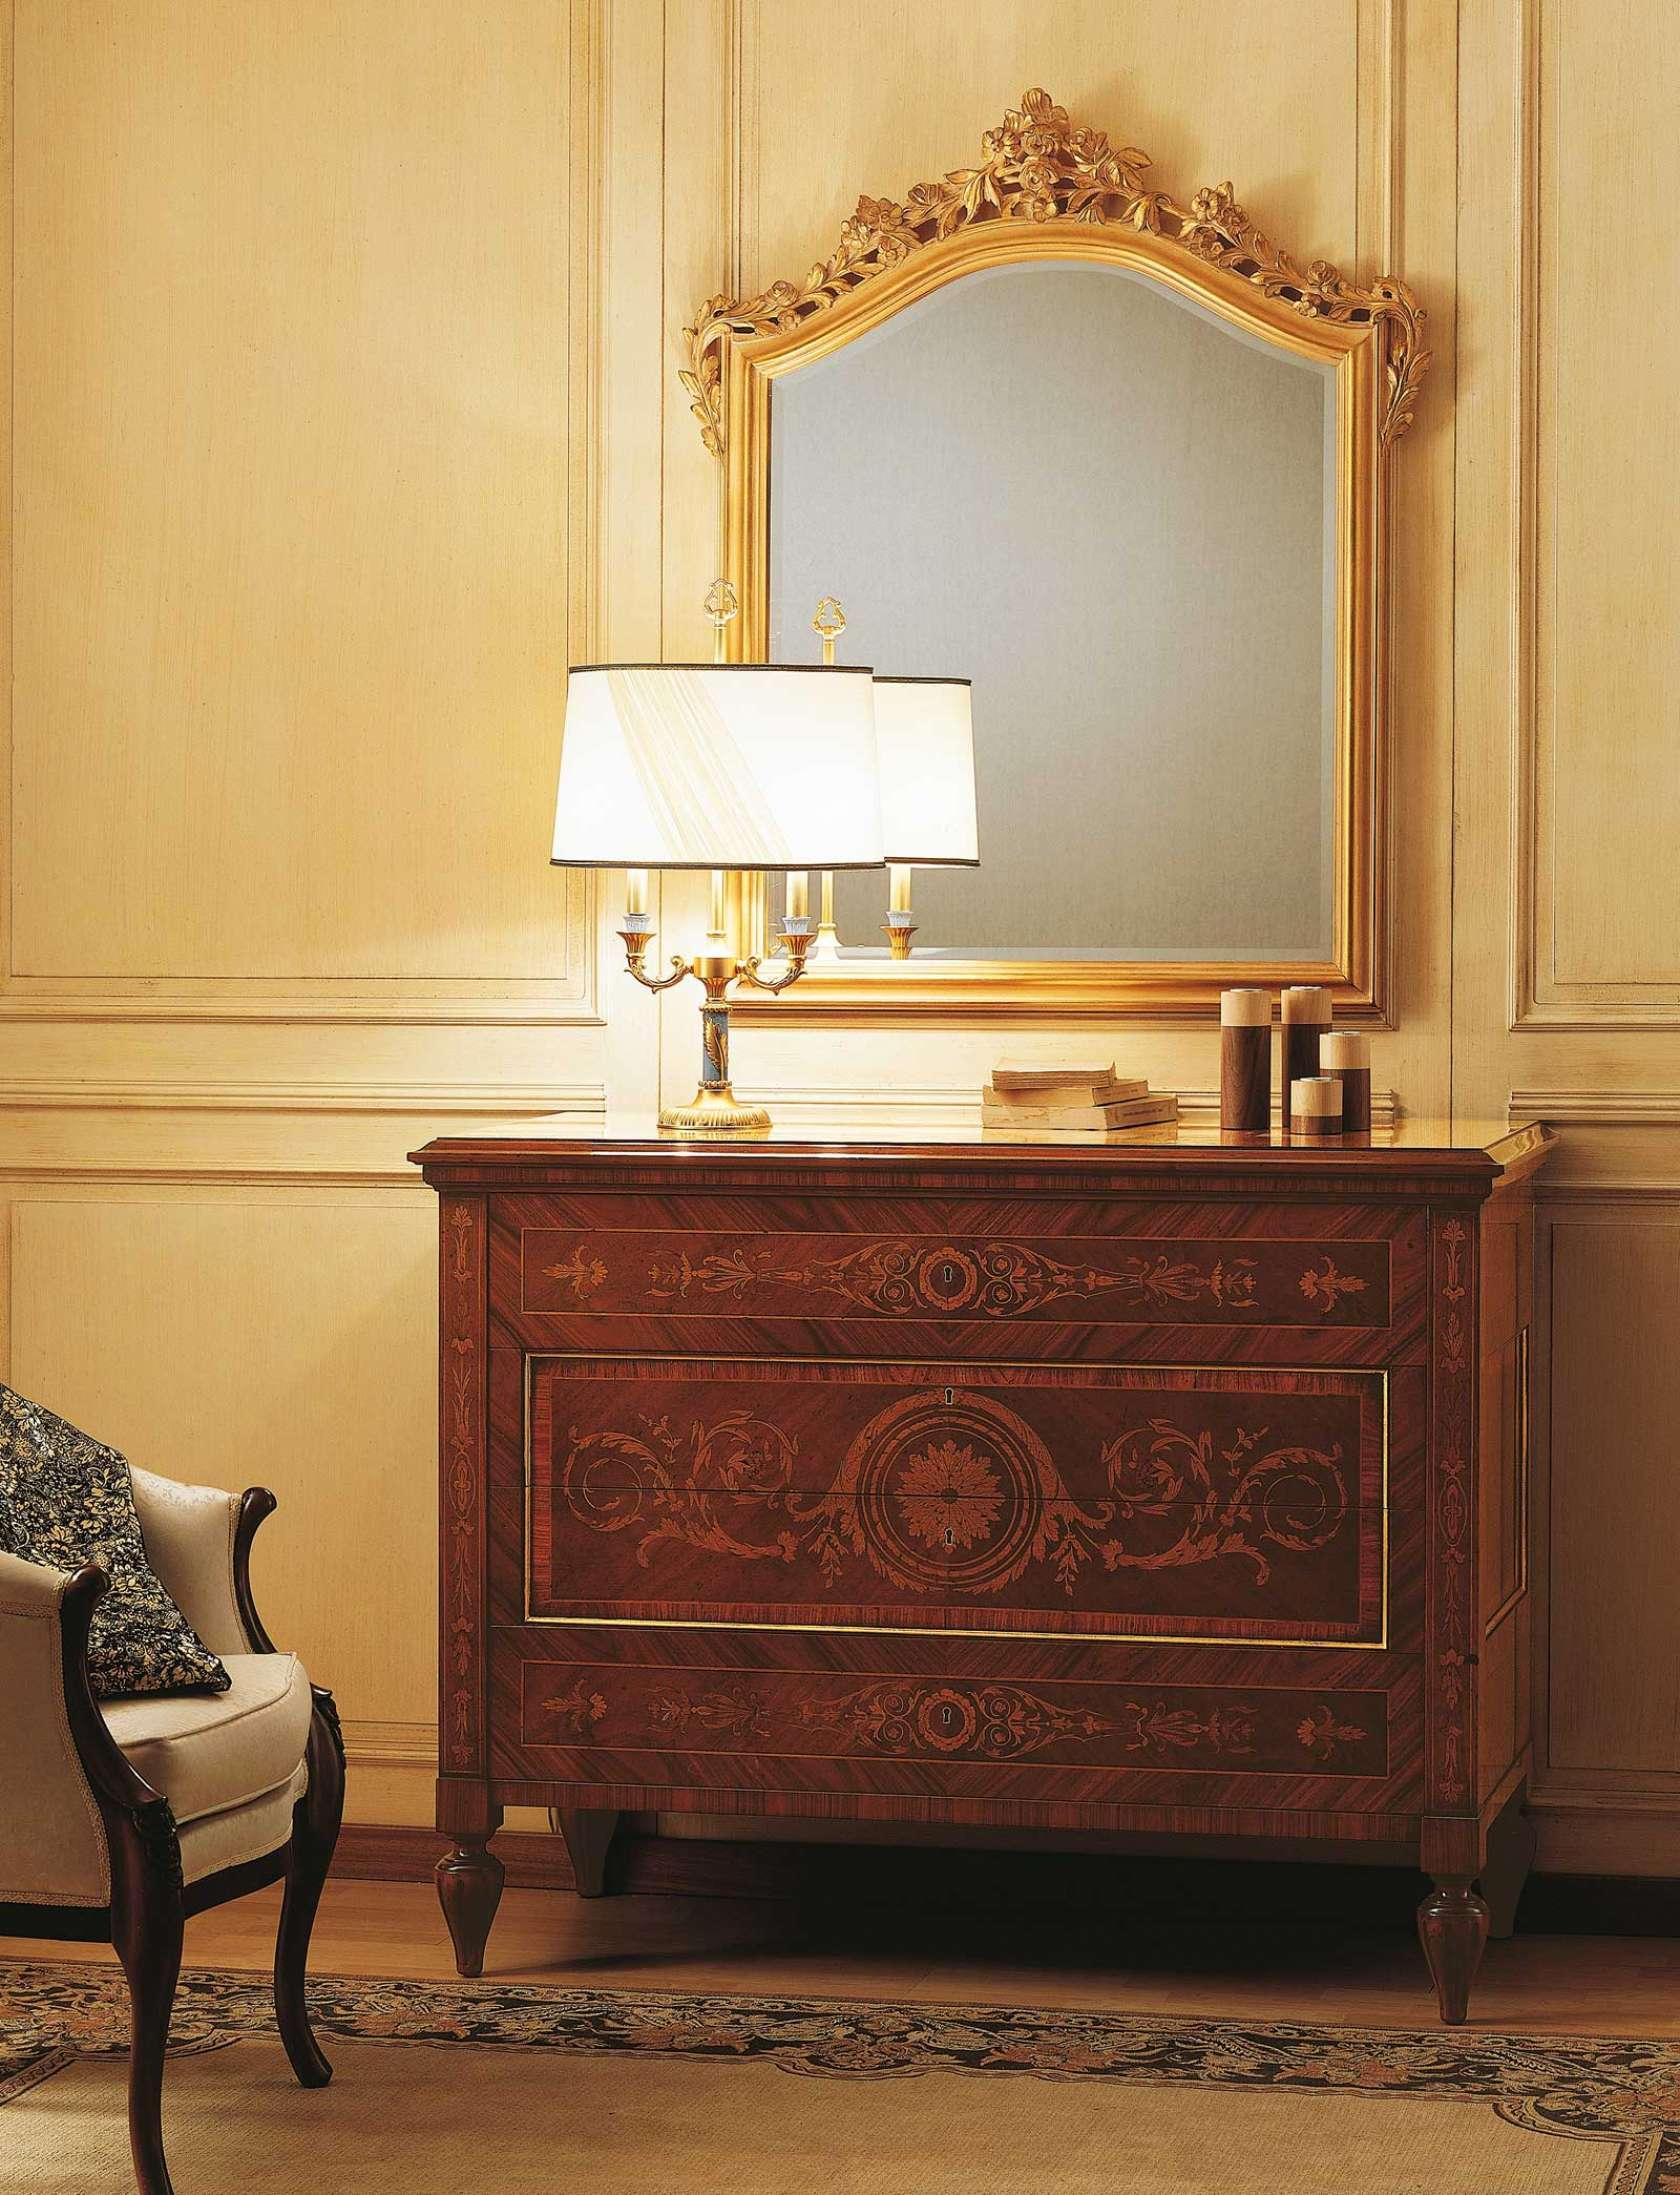 Chambre coucher classique maggiolini commode marquet e - Commode chambre a coucher ...